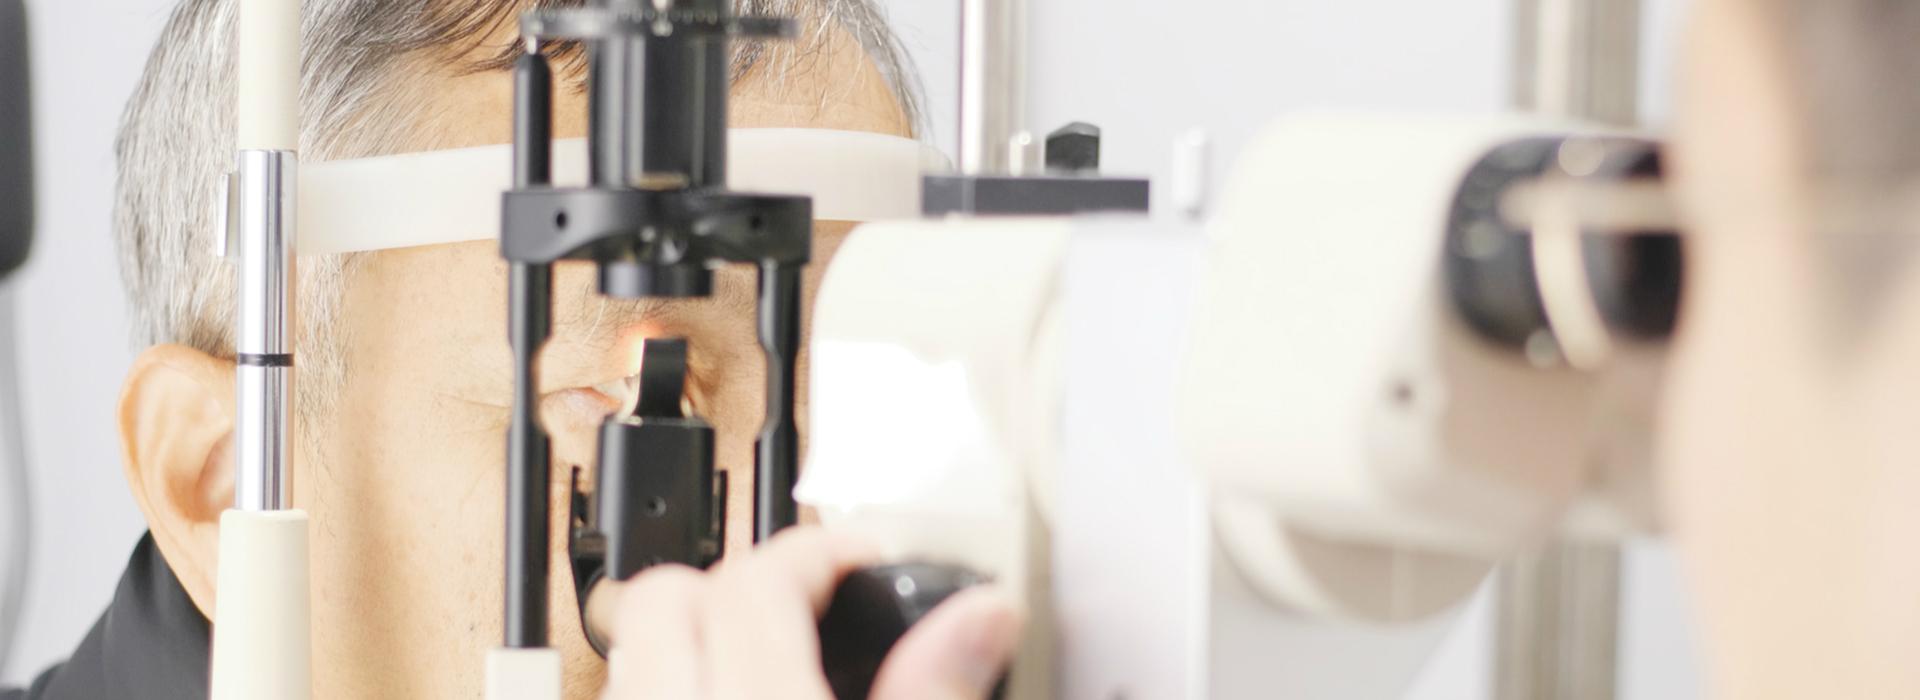 黃斑部病變恐失明 眼底檢查別輕忽